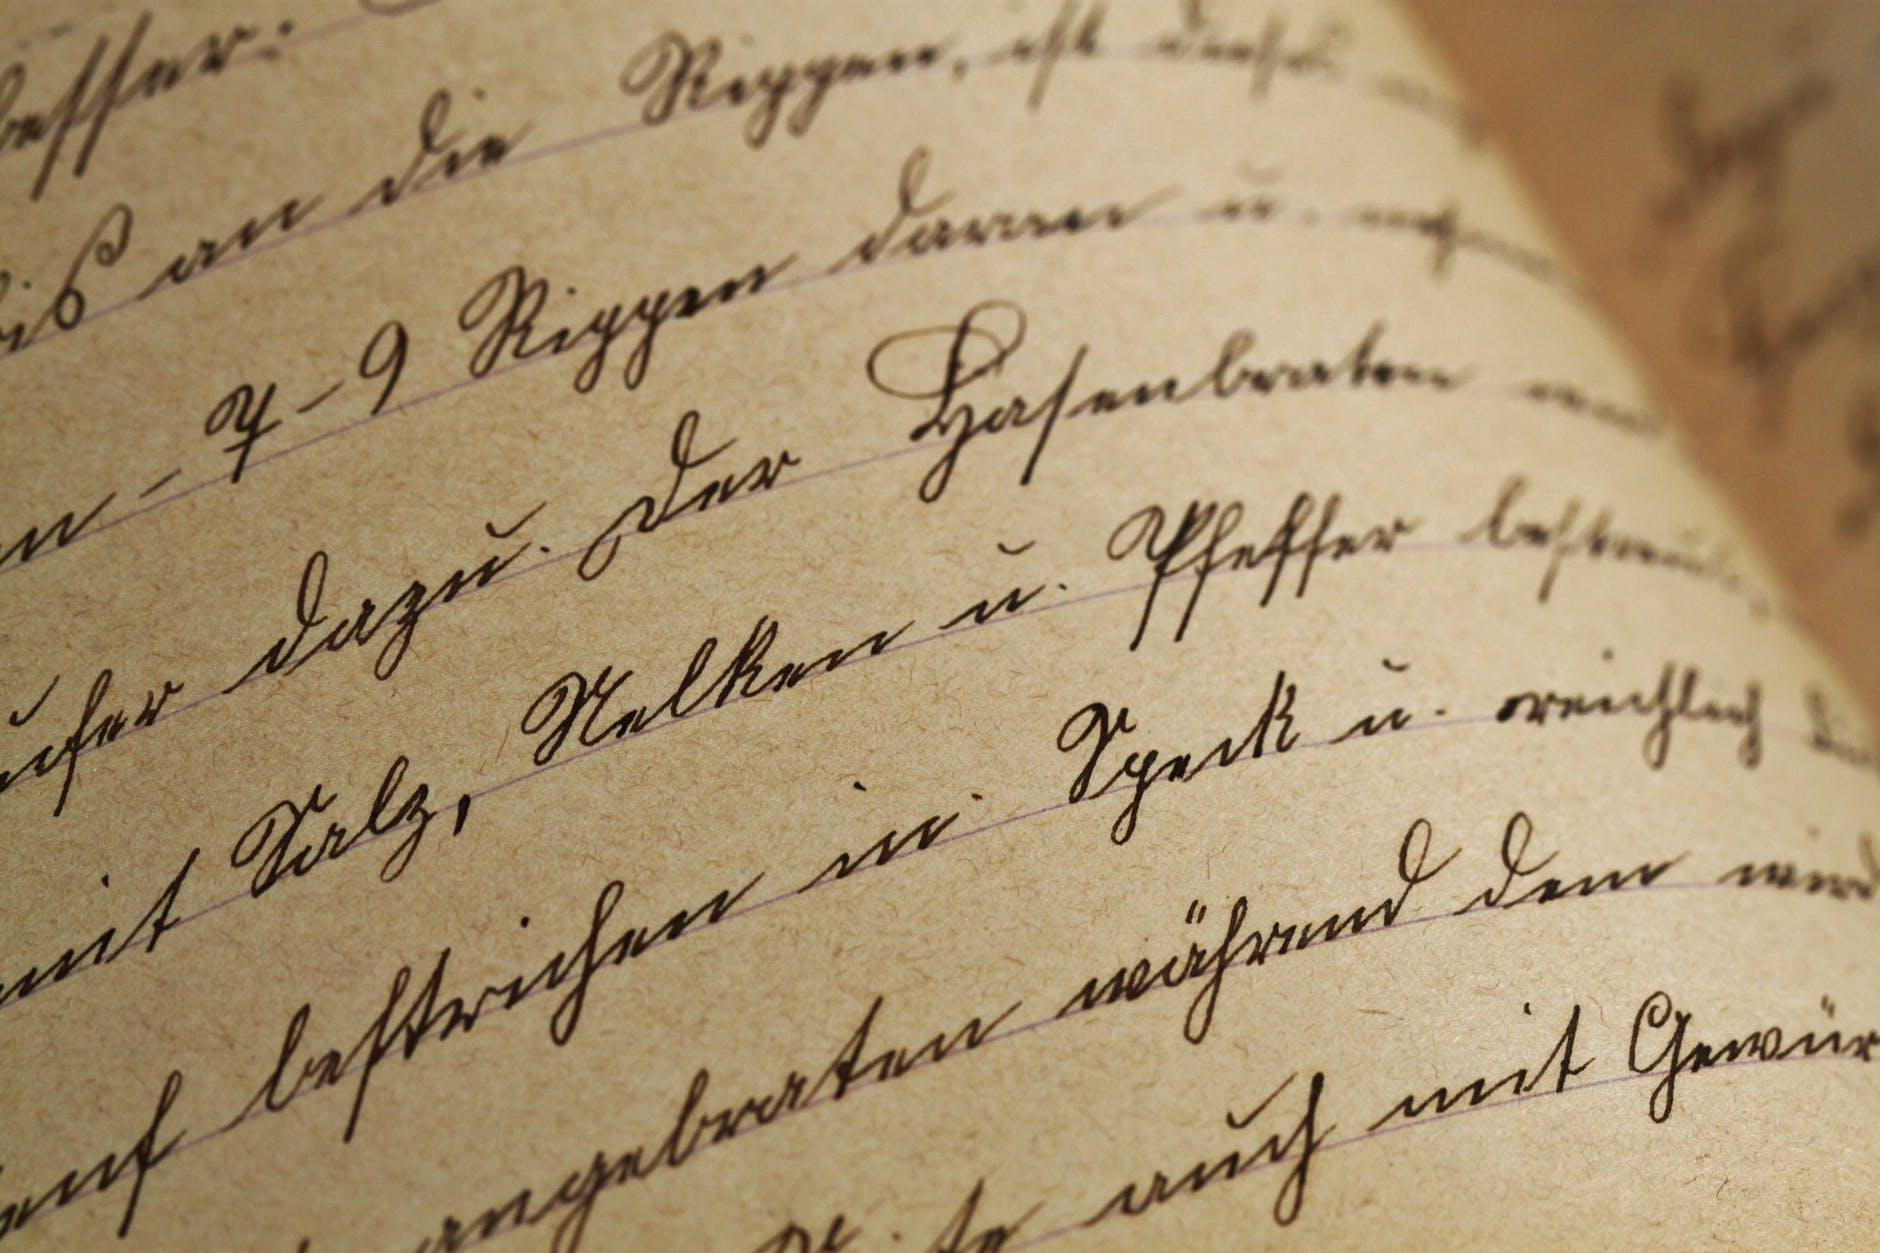 Le lettere d'amore più famose della storia